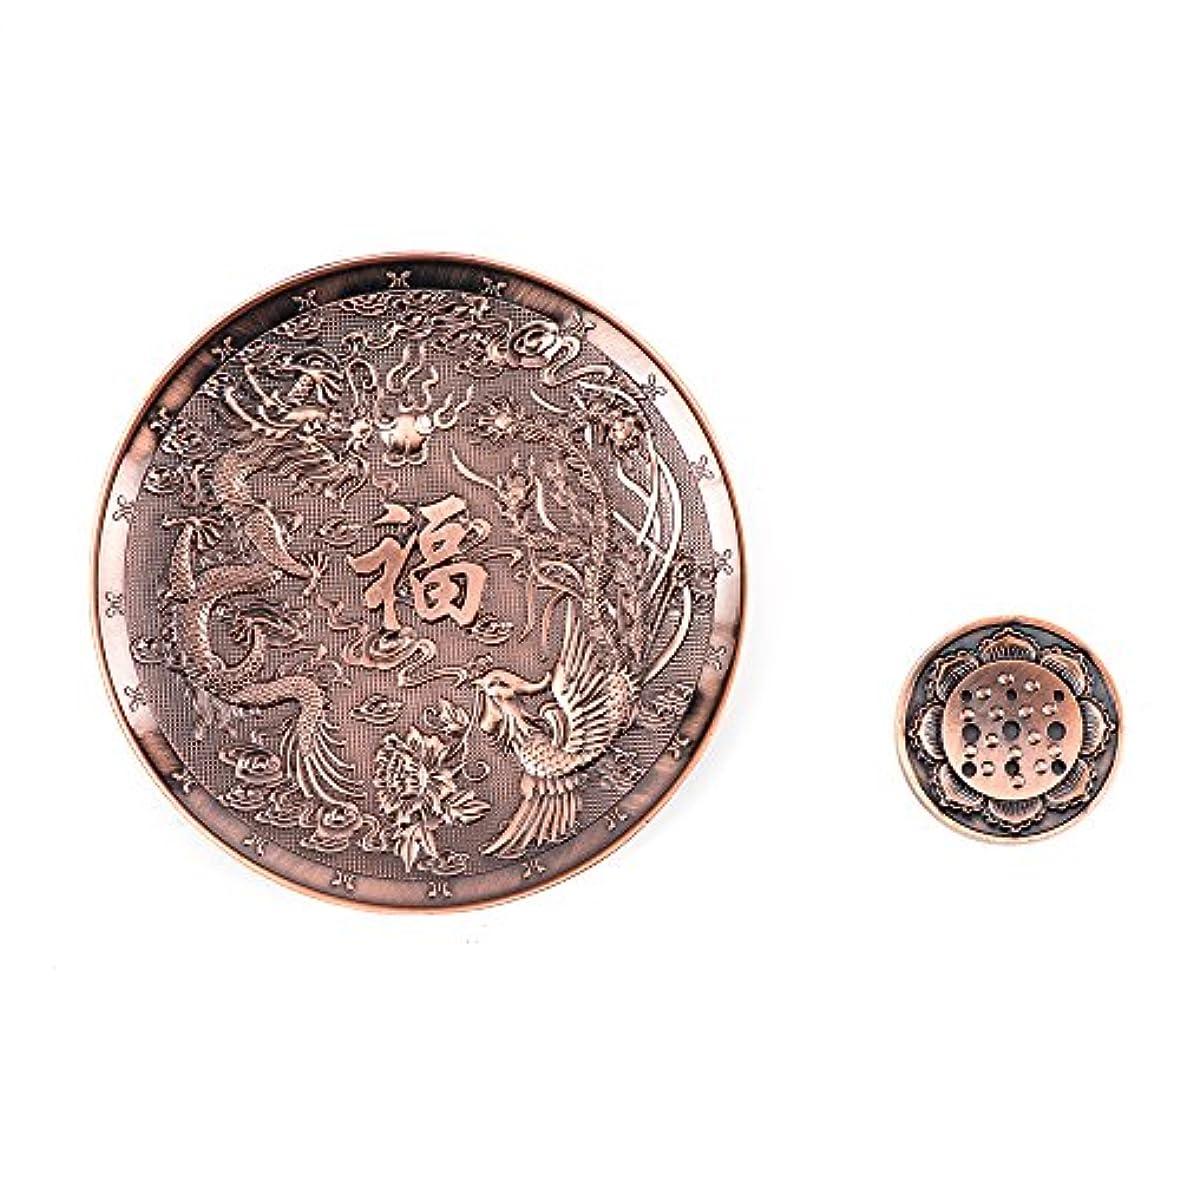 チップロマンチック認知shanbentang Incenseホルダー、Stick Incense Burner with nine穴、銅Incense Ashキャッチャートレイ